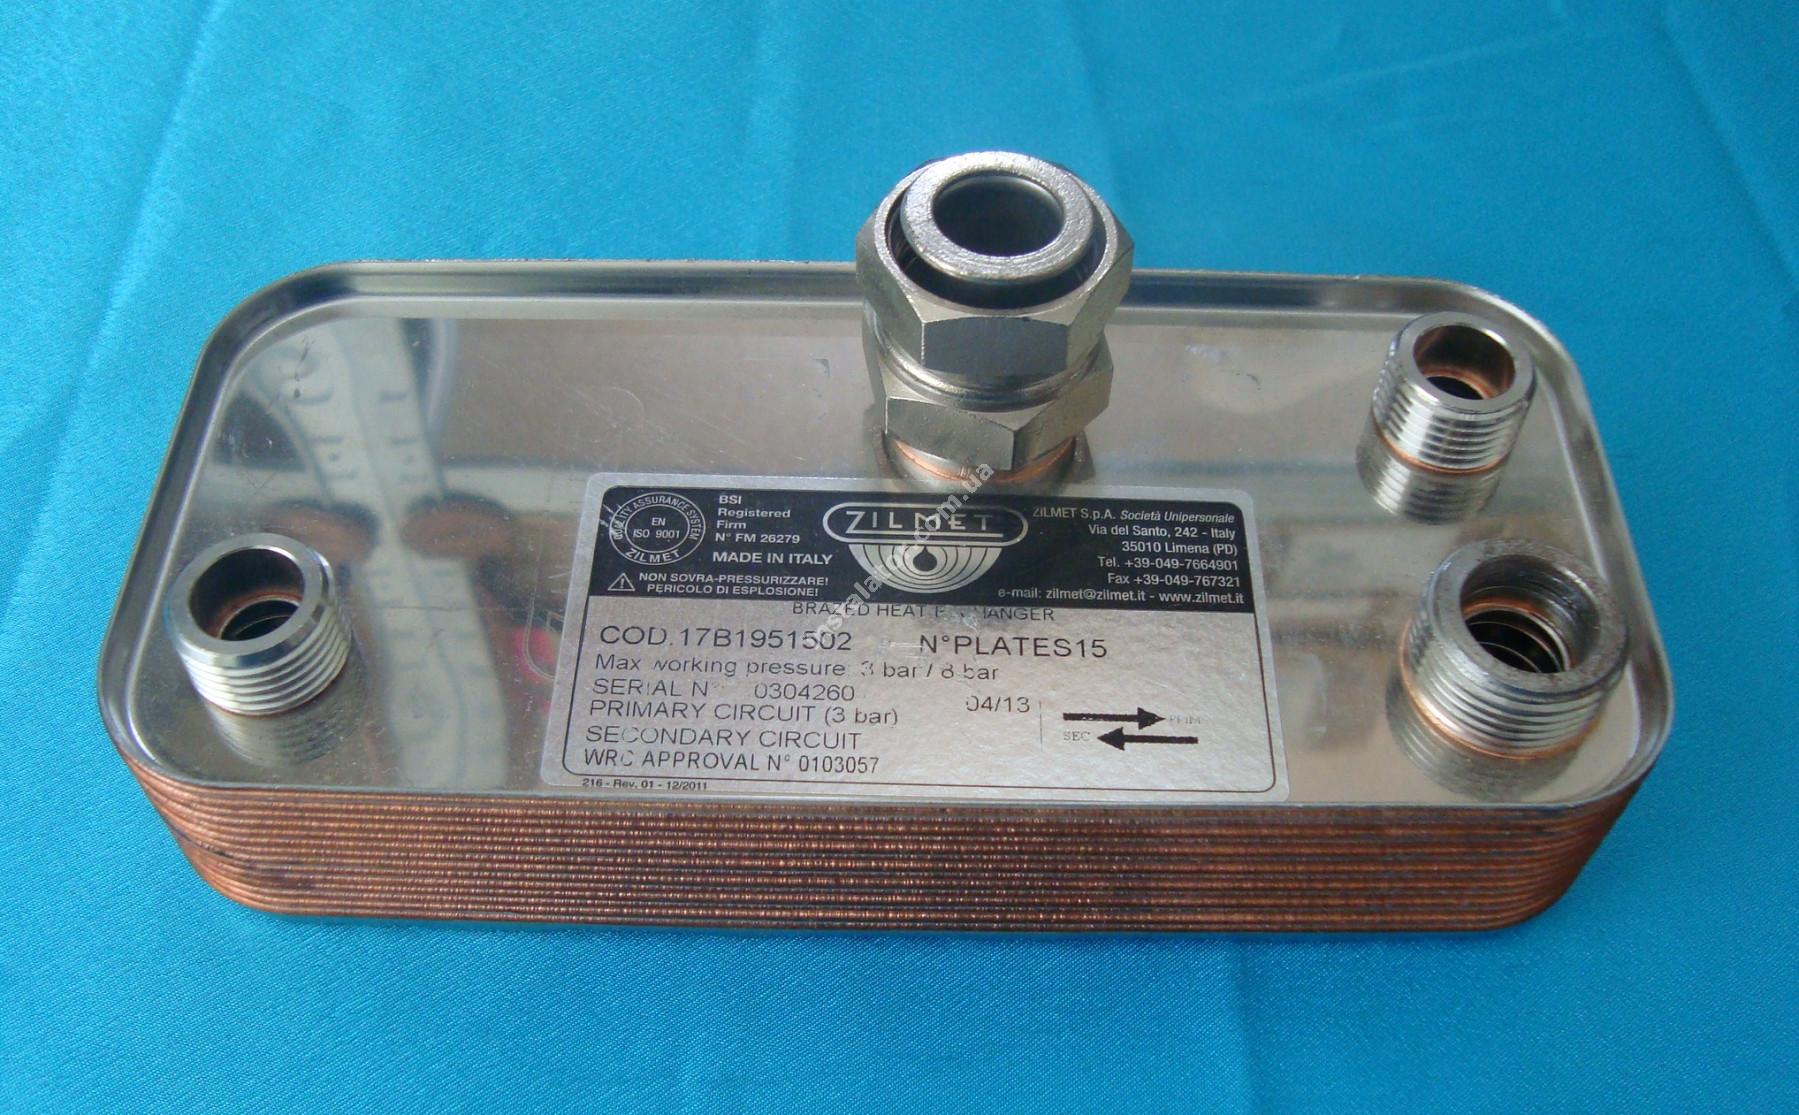 17B1901502 Теплообменник вторичный (ГВС) 15 пластин ZILMET full-image-2